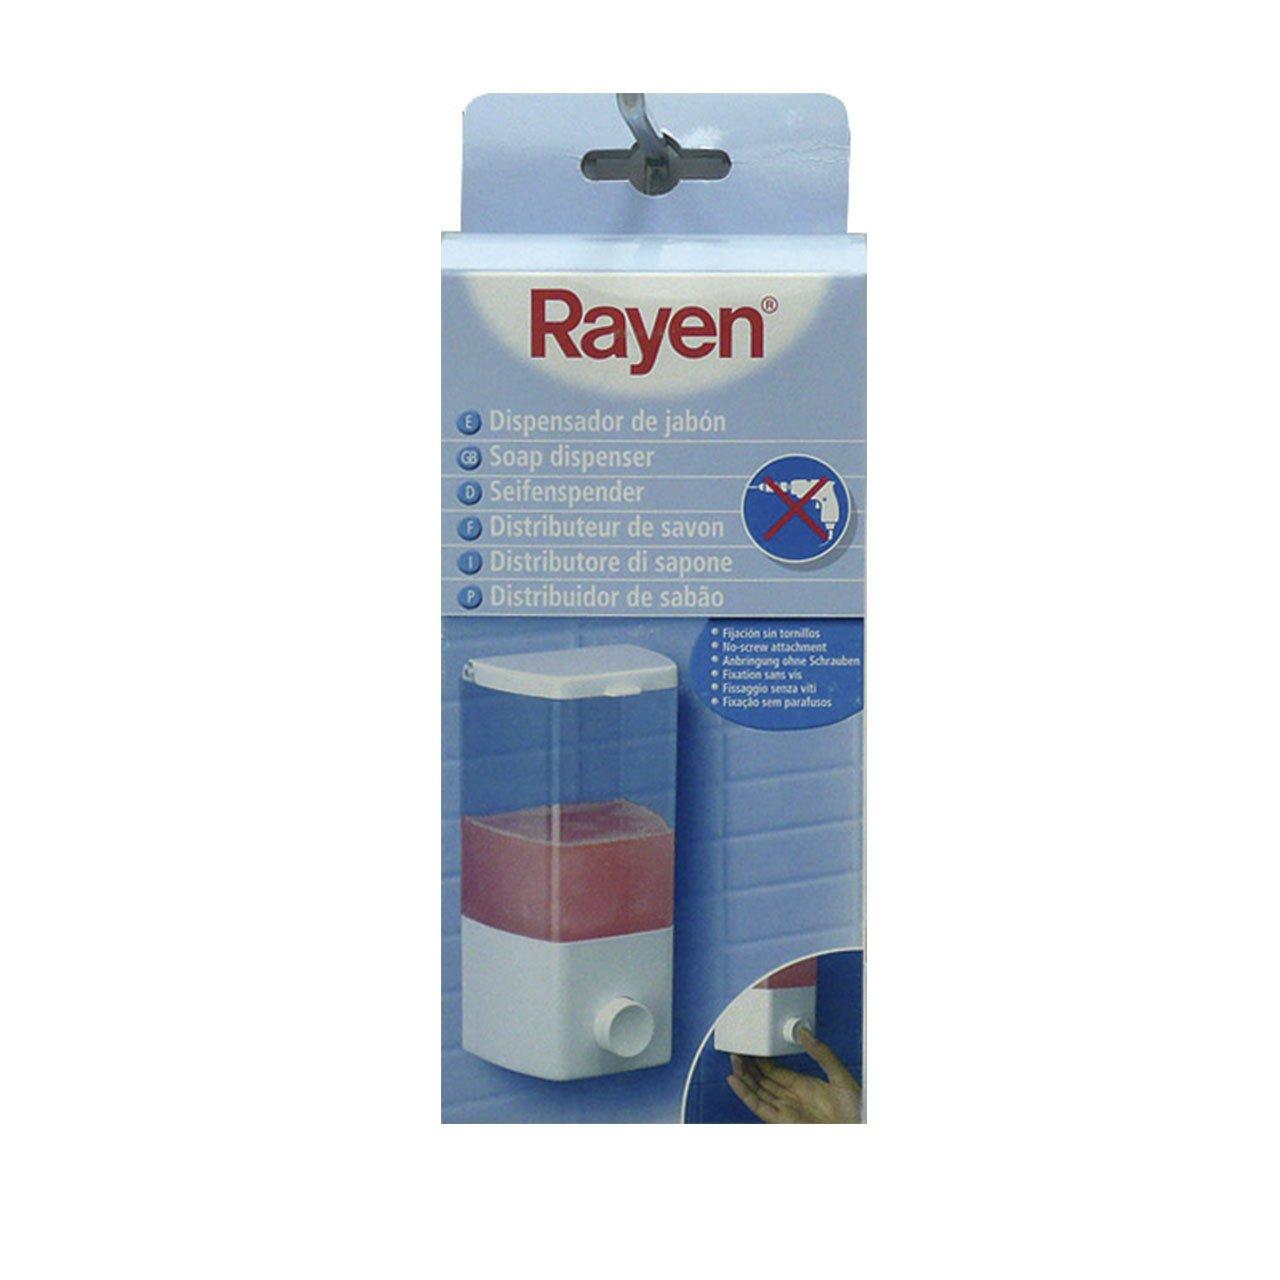 Amazon.com: Rayen 2025 Wall-Mounted Automatic Soap Dispenser: Home & Kitchen